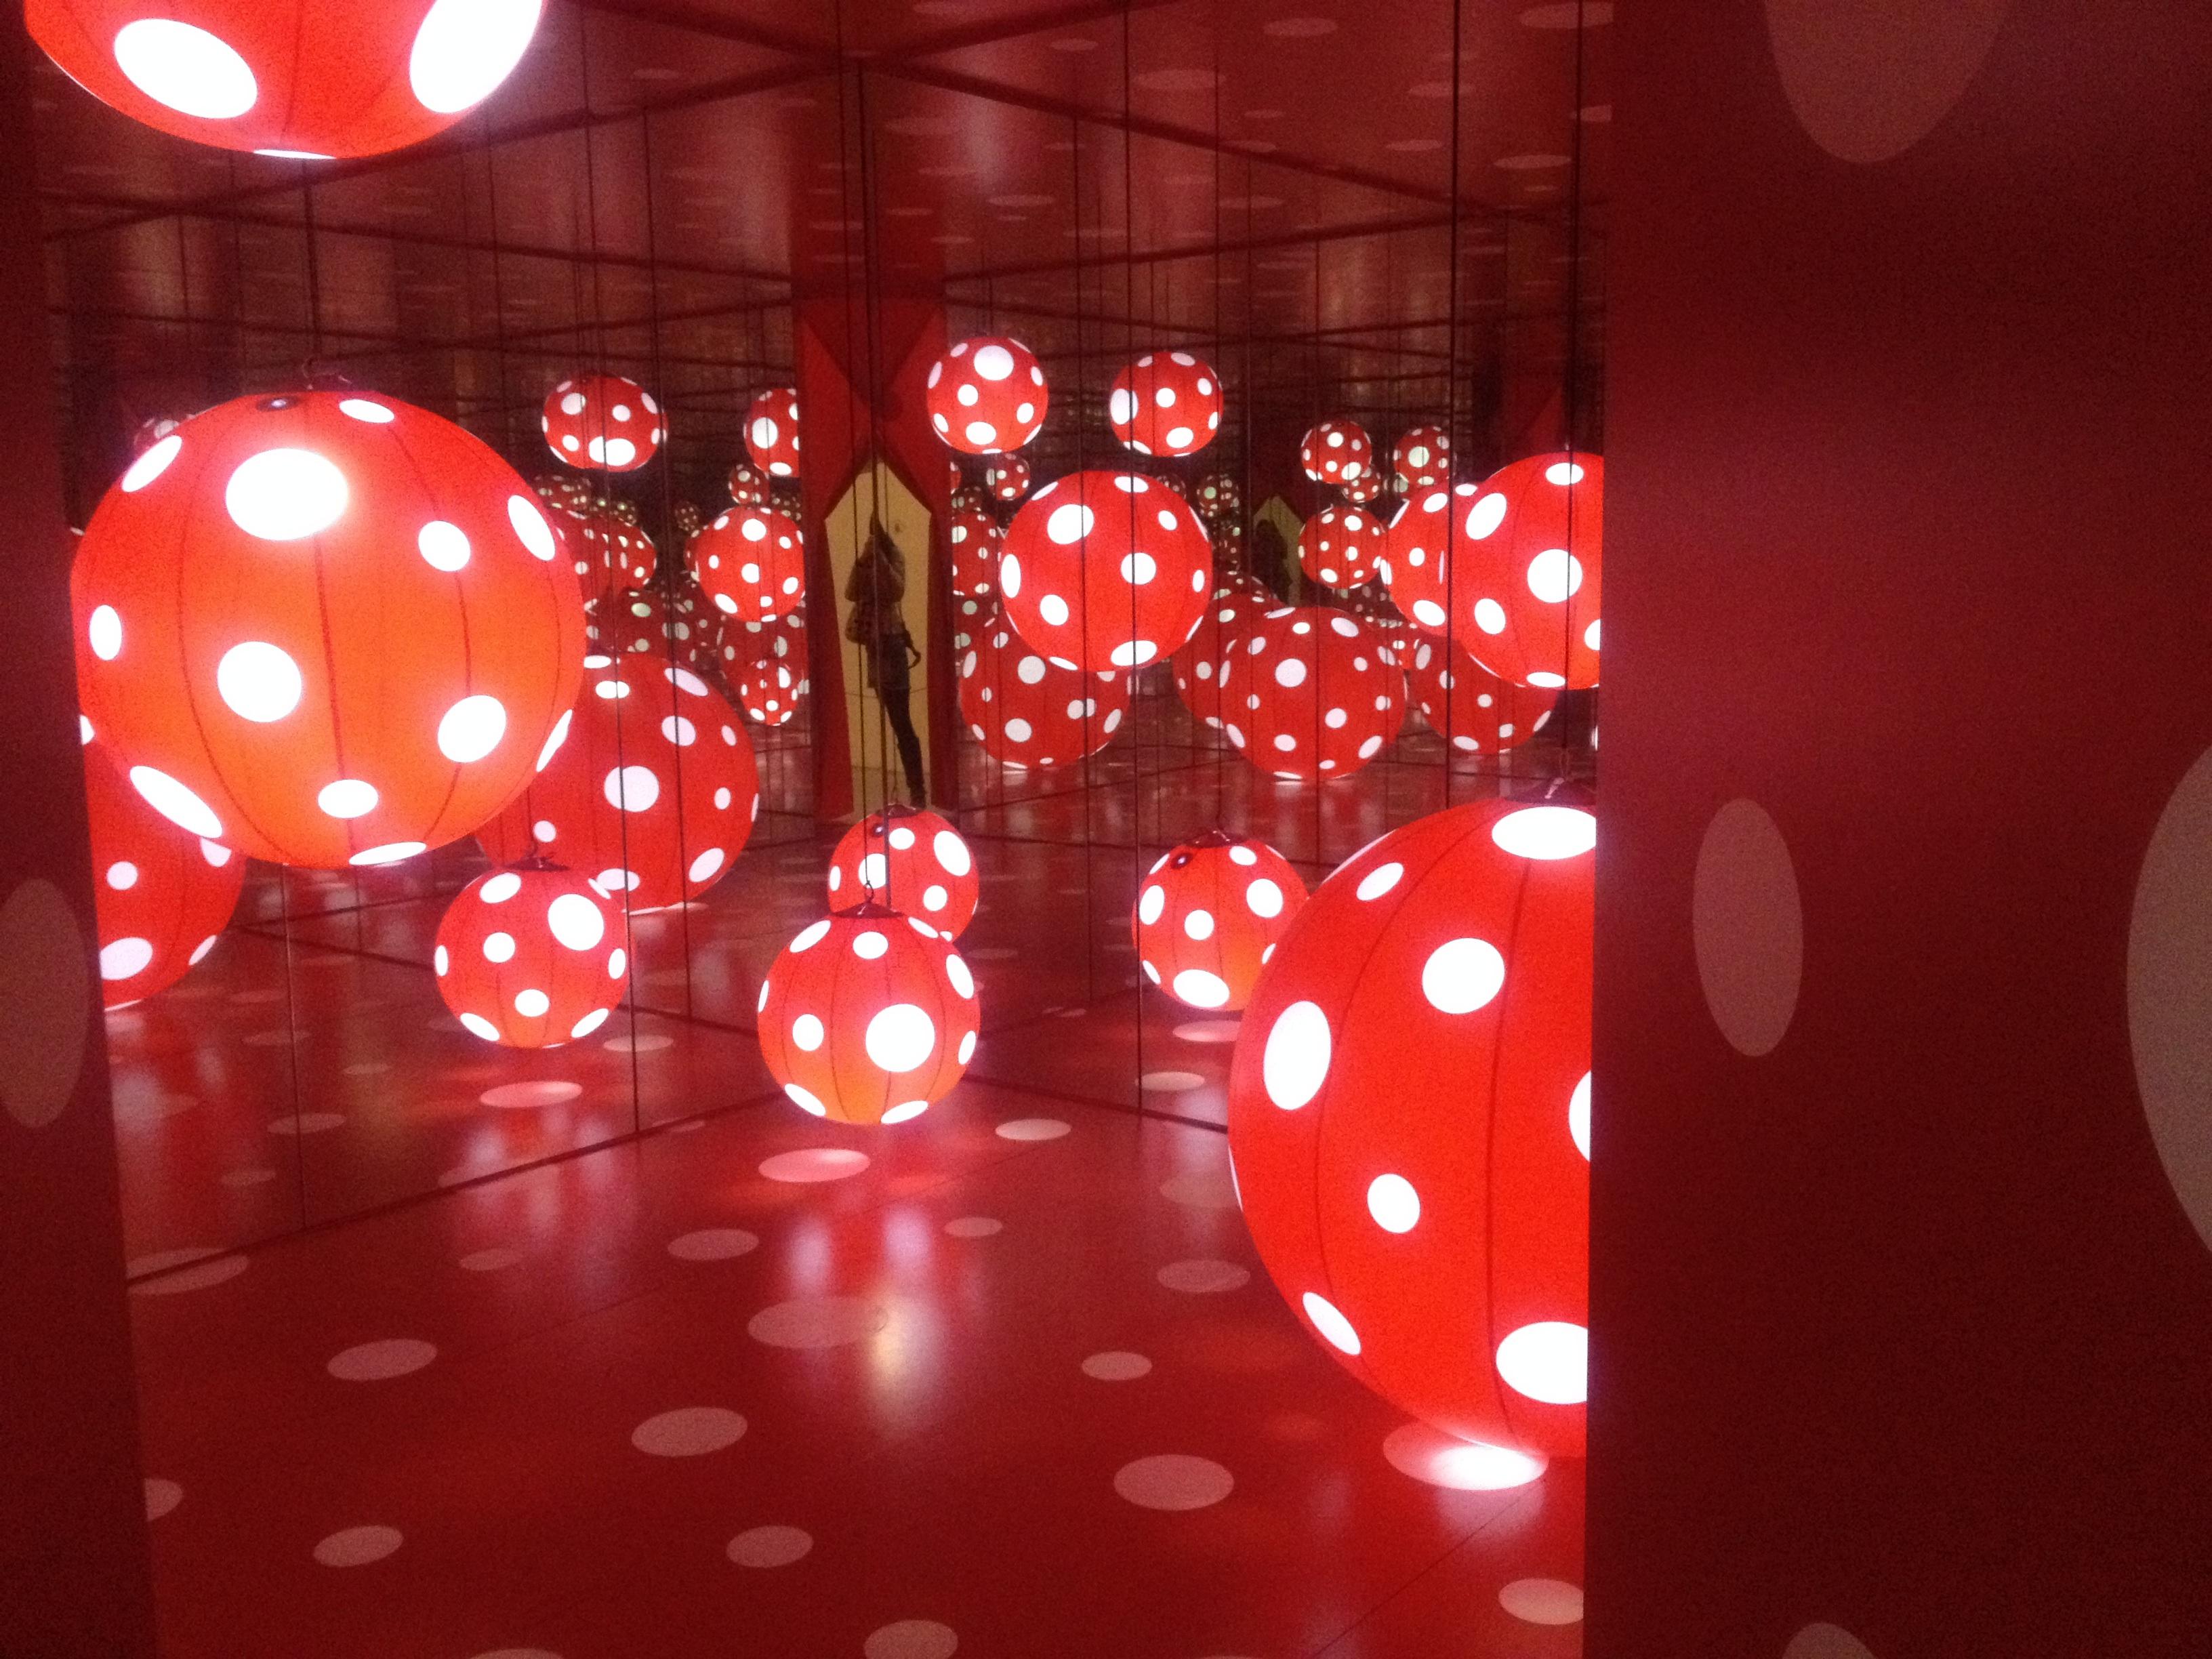 Kostenlose foto : Licht, rot, Farbe, Weihnachten, Beleuchtung, Kreis ...